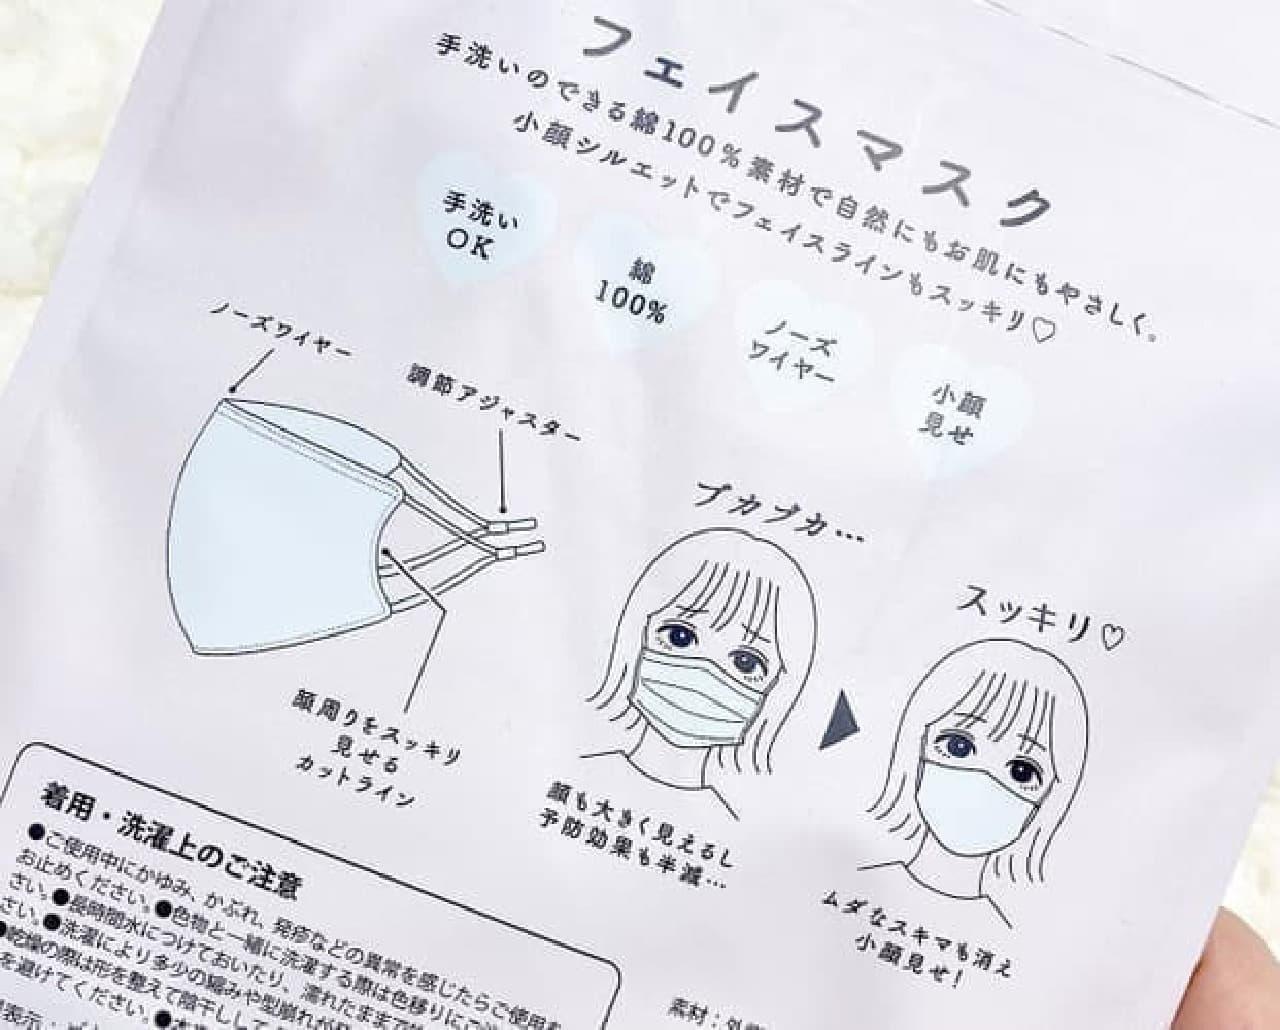 小顔効果あり!390円マスクがサンキューマートから -- クッピーラムネとのコラボ商品も注目